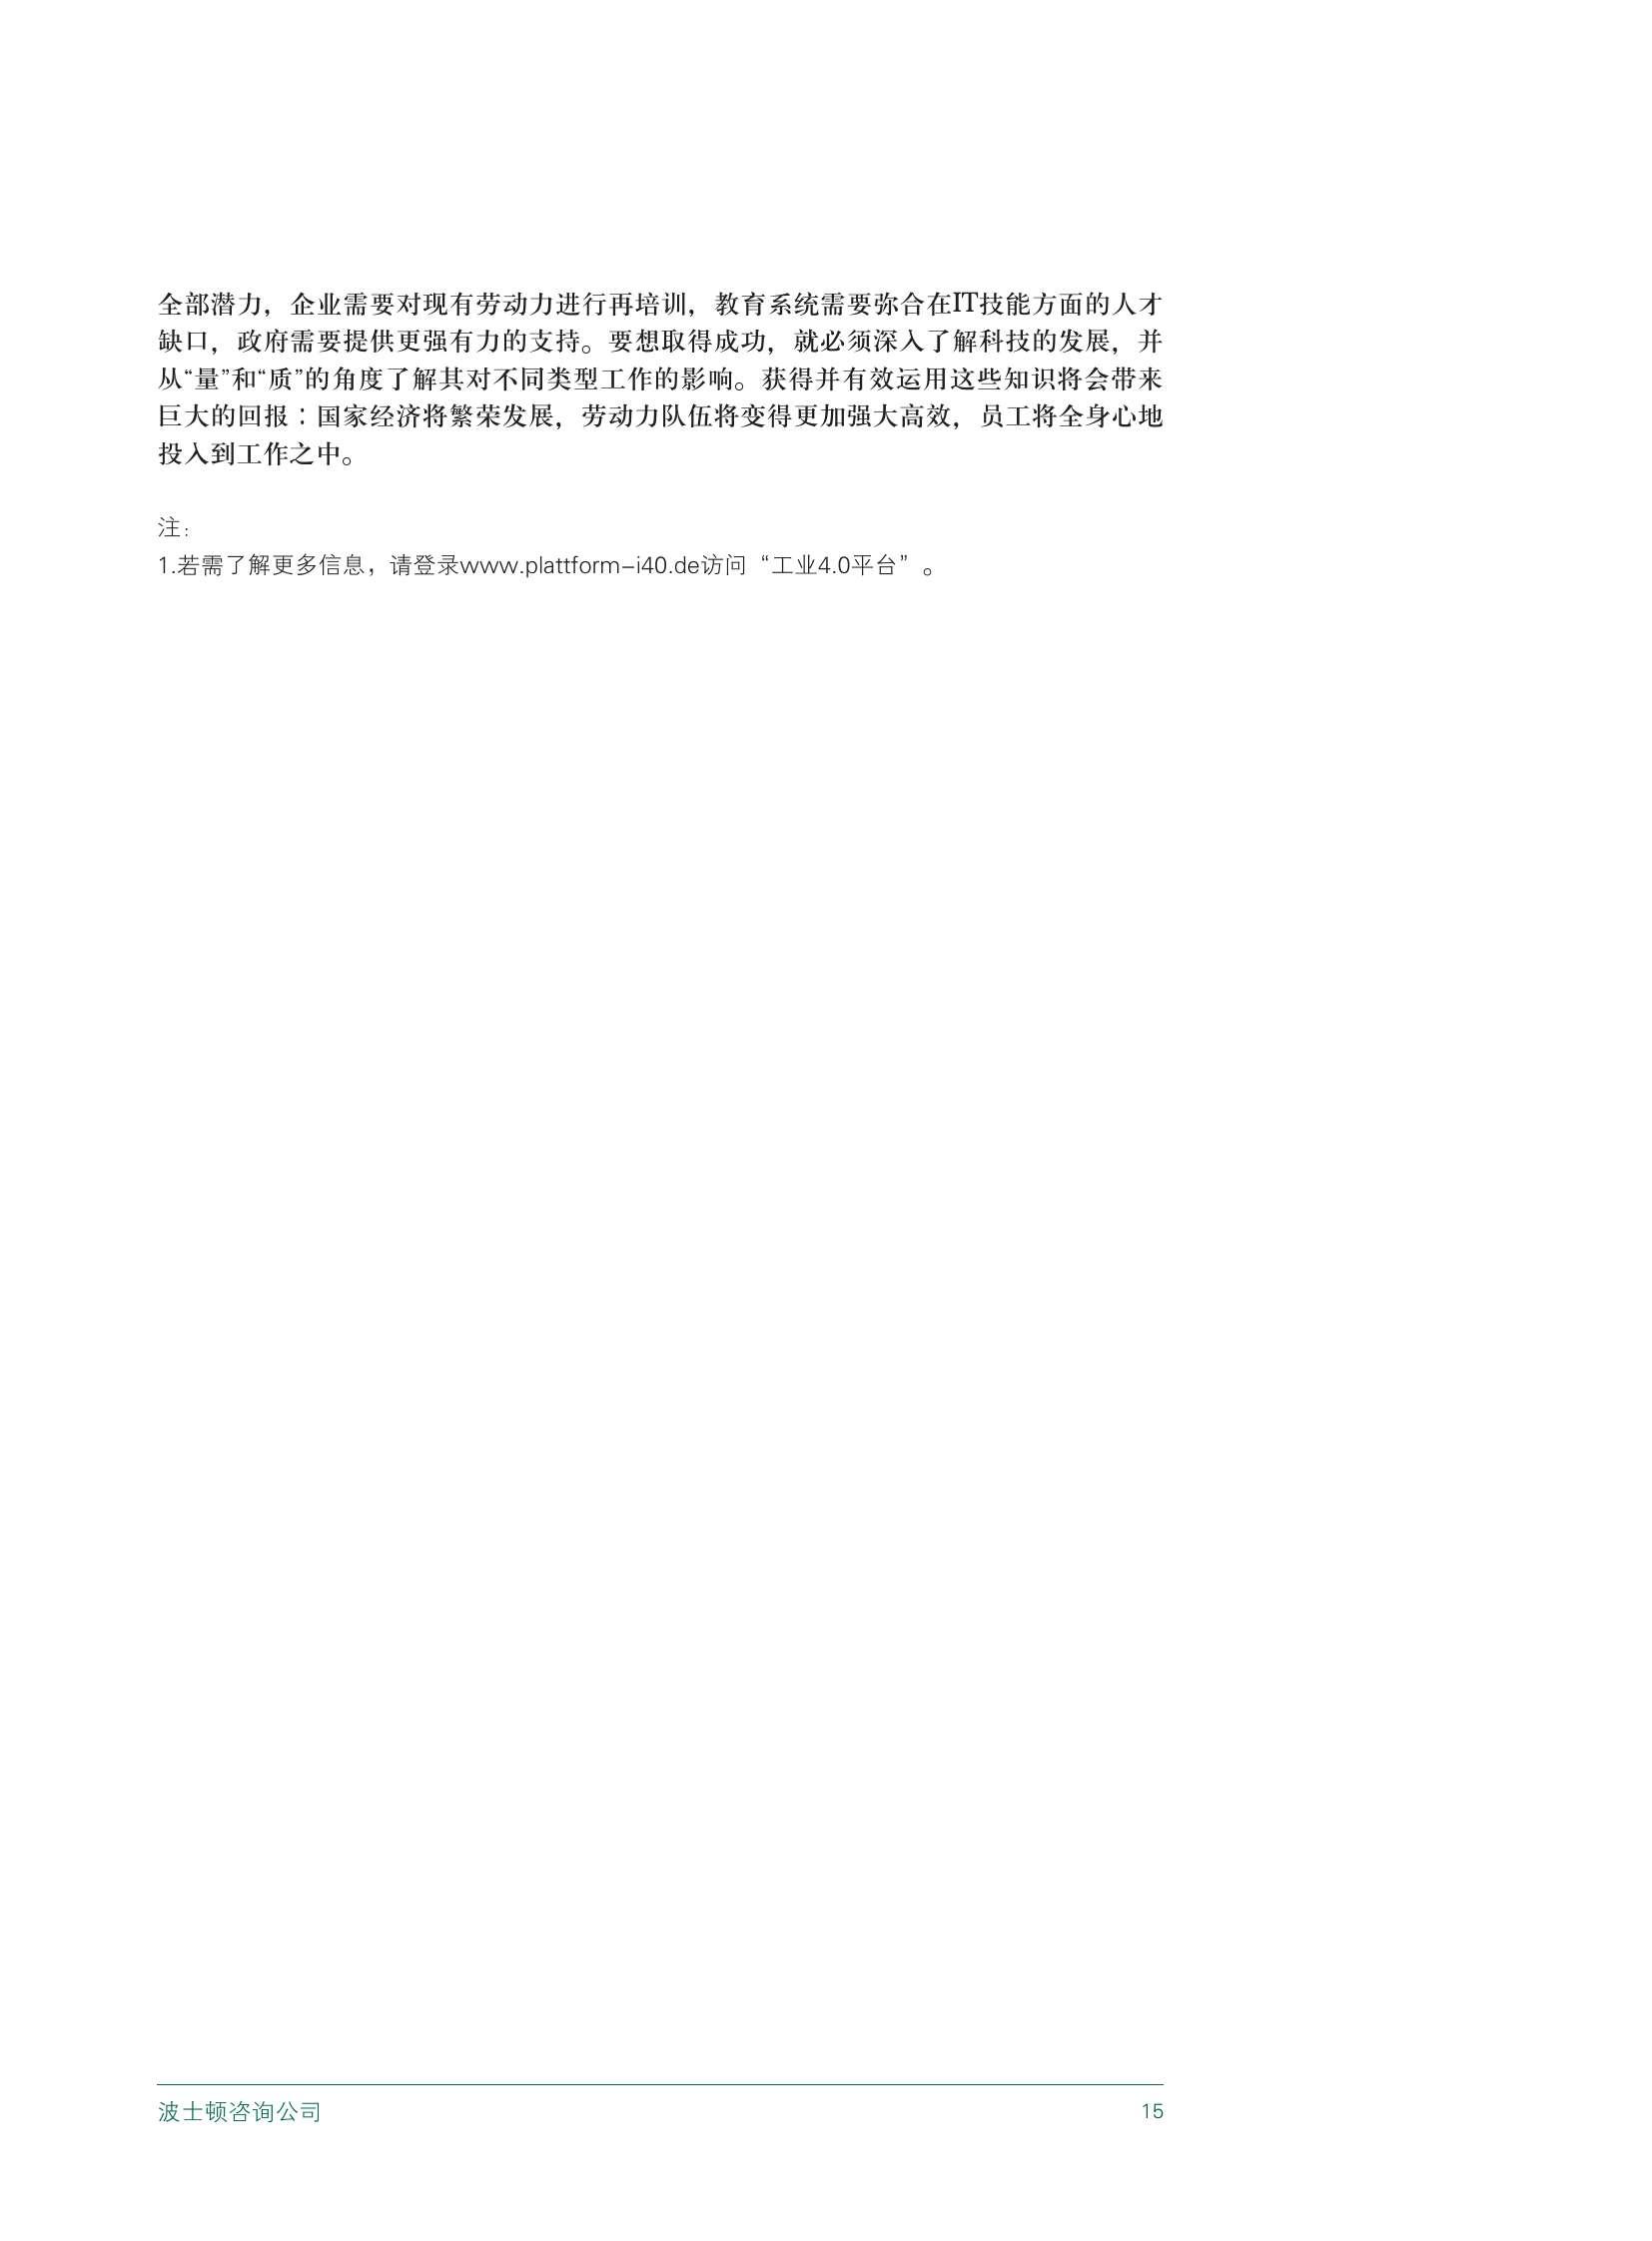 工业4.0时代的人机关系_000017